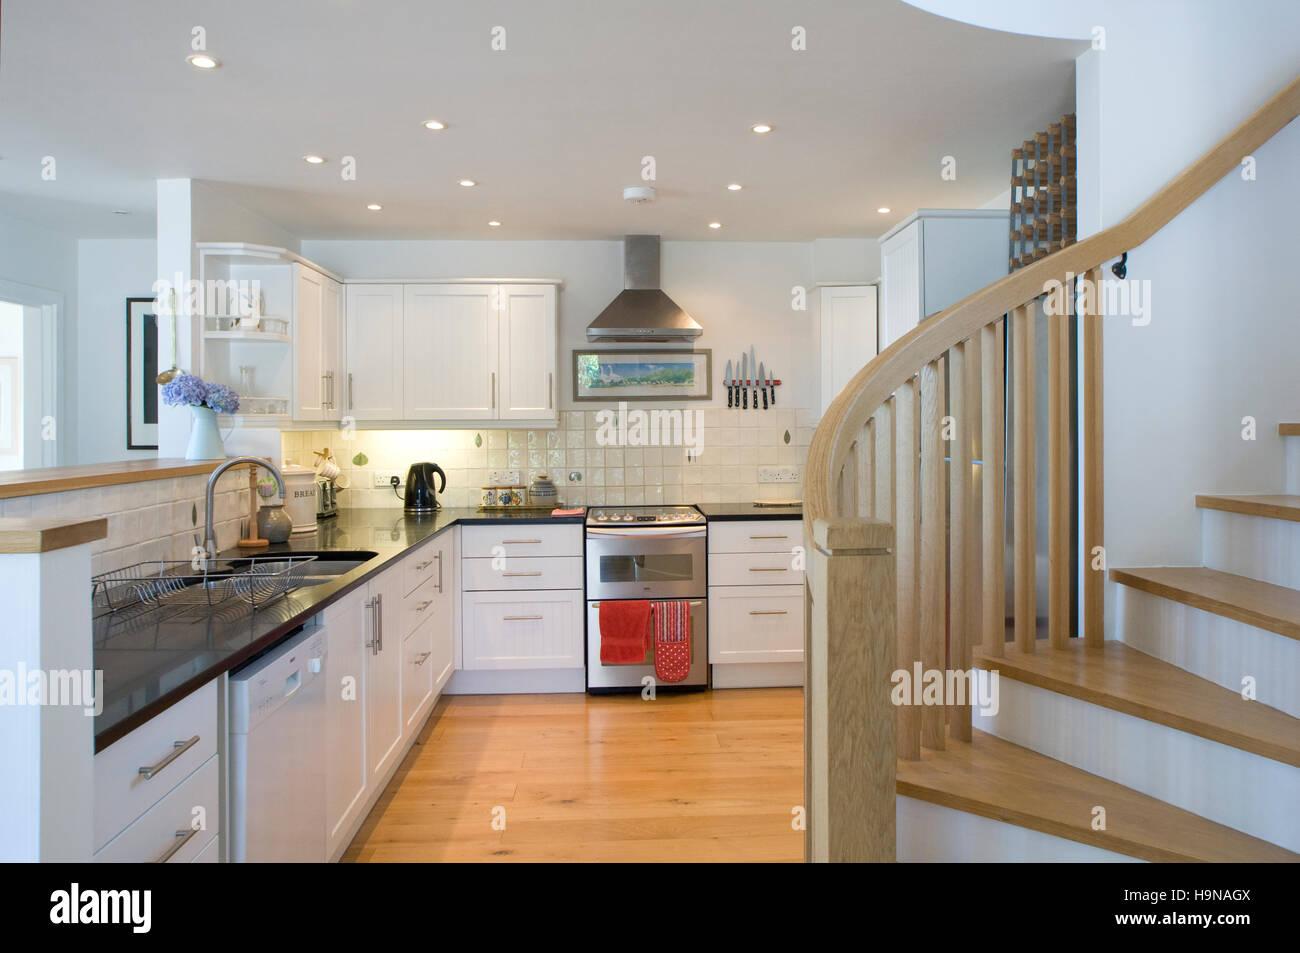 Cucina contemporanea con scalinata, luminoso, pulito, nuovo, finitura bianca. Immagini Stock